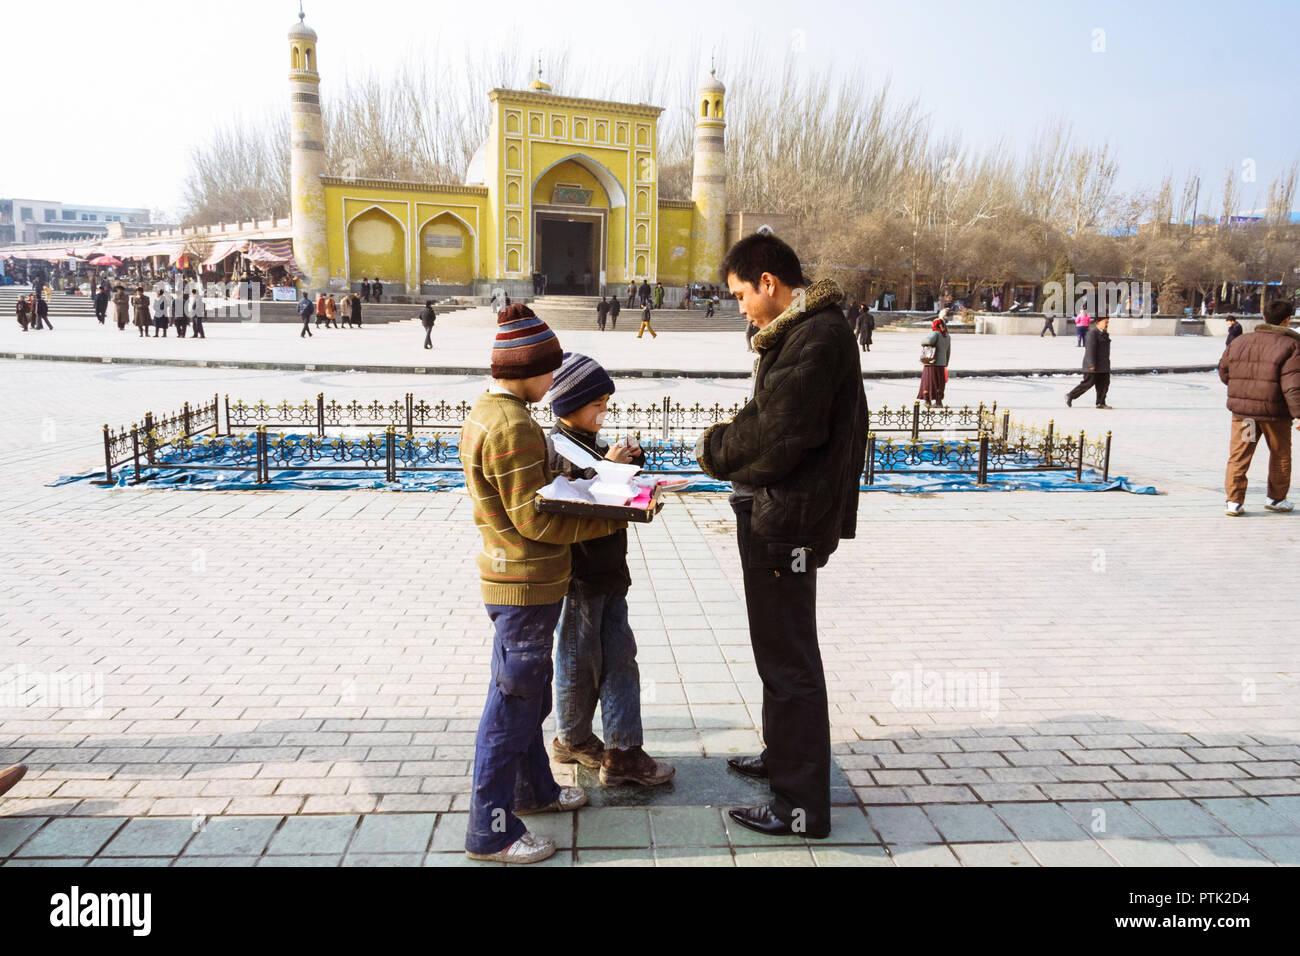 Kashgar, Xinjiang, China: Zwei uigurischen Kinder Süßigkeiten verkaufen gegenüber der gelben Fliesen- Id kah-Moschee (1442), die geistige und physische Herz der Cit Stockfoto